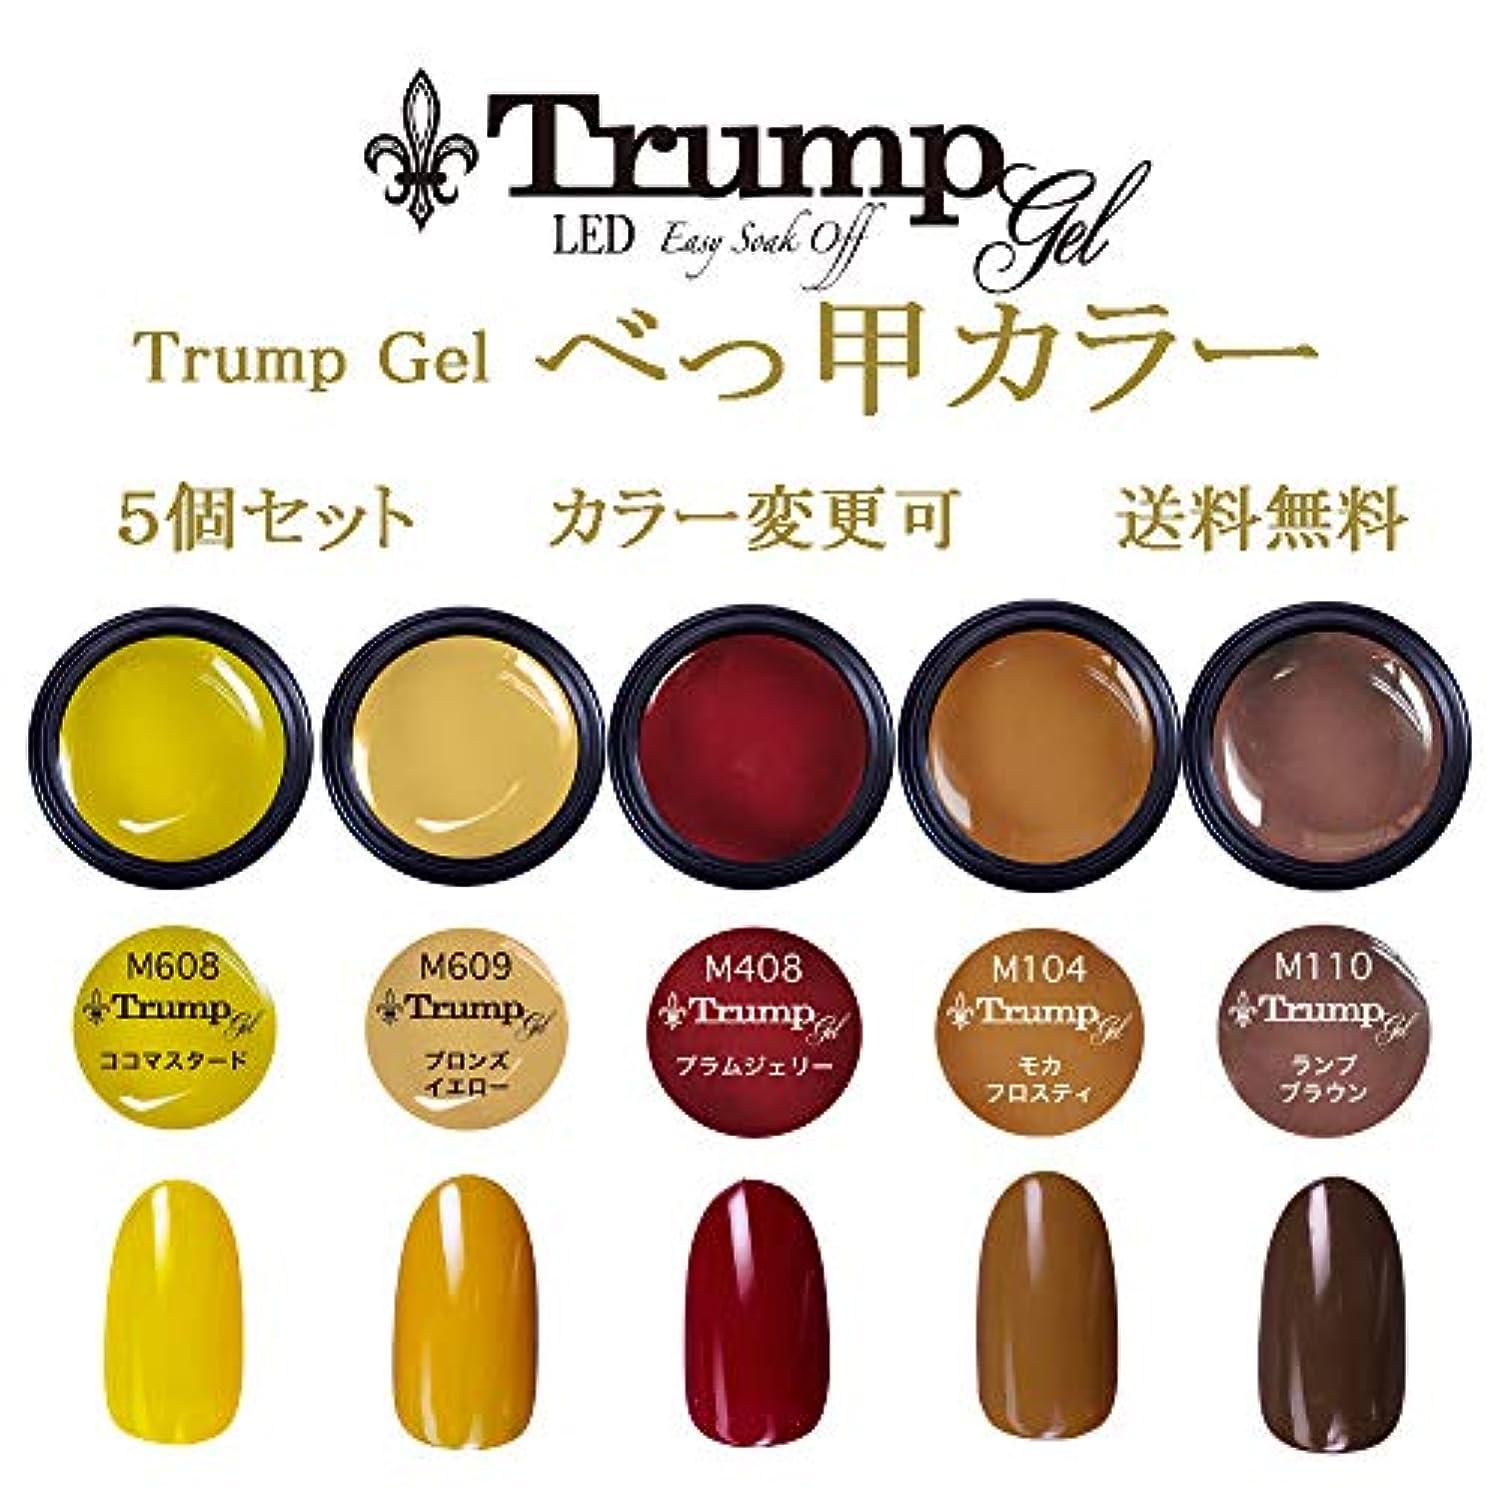 エーカー最愛のカジュアル日本製 Trump gel トランプジェル べっ甲 ネイルカラー 選べる カラージェル 5個セット イエロー ブラウン ワイン べっこう